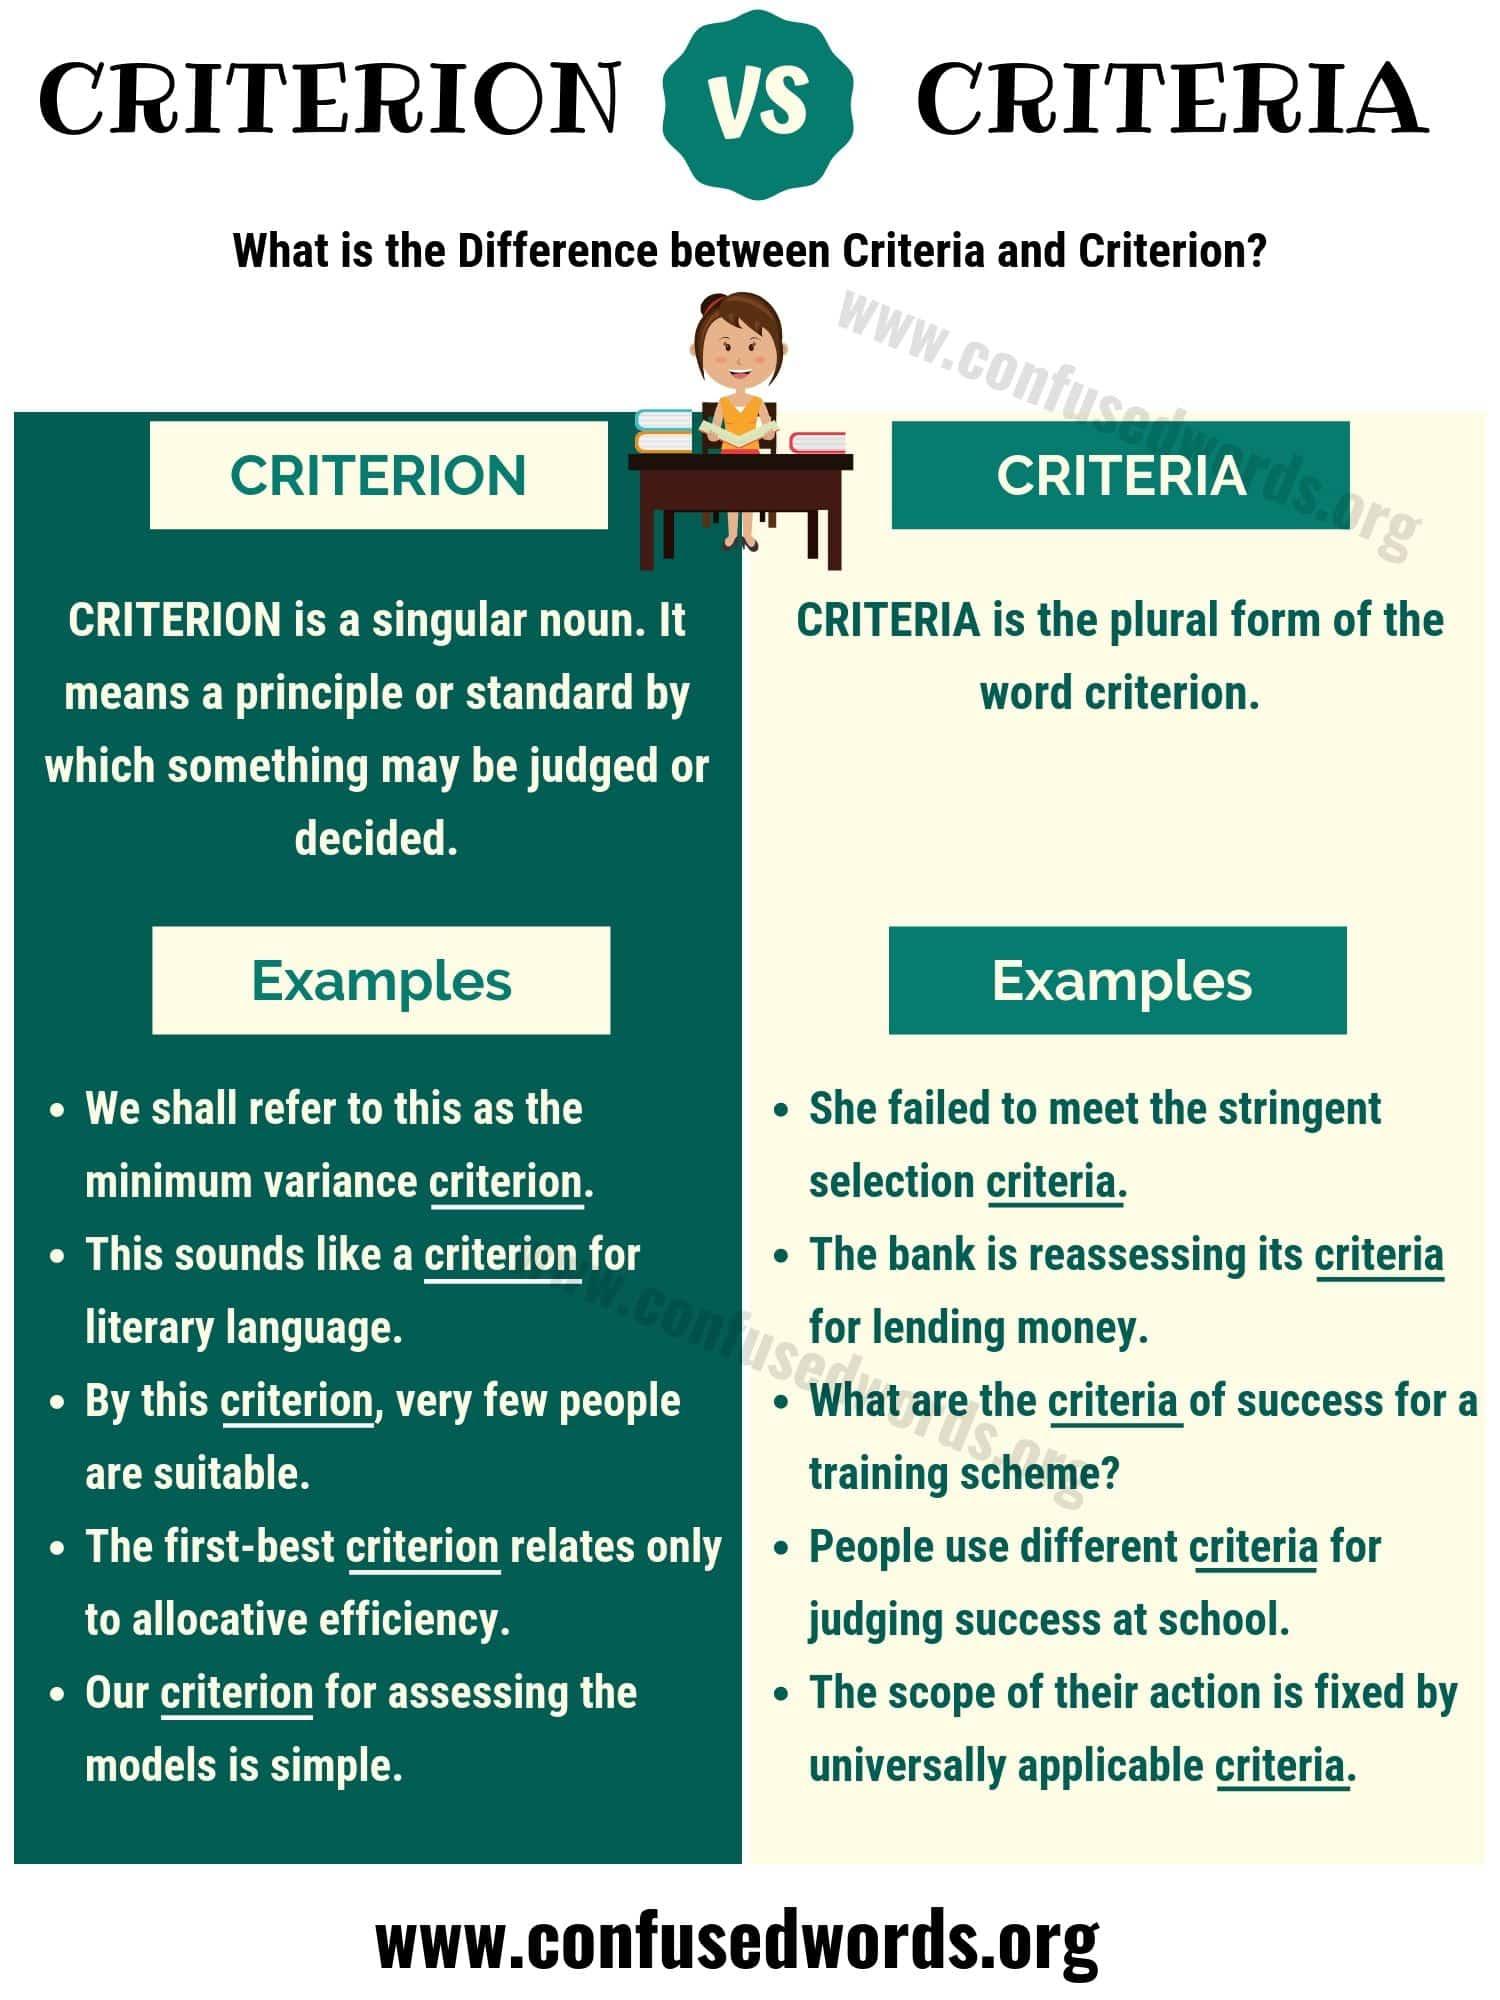 Criteria vs Criterion